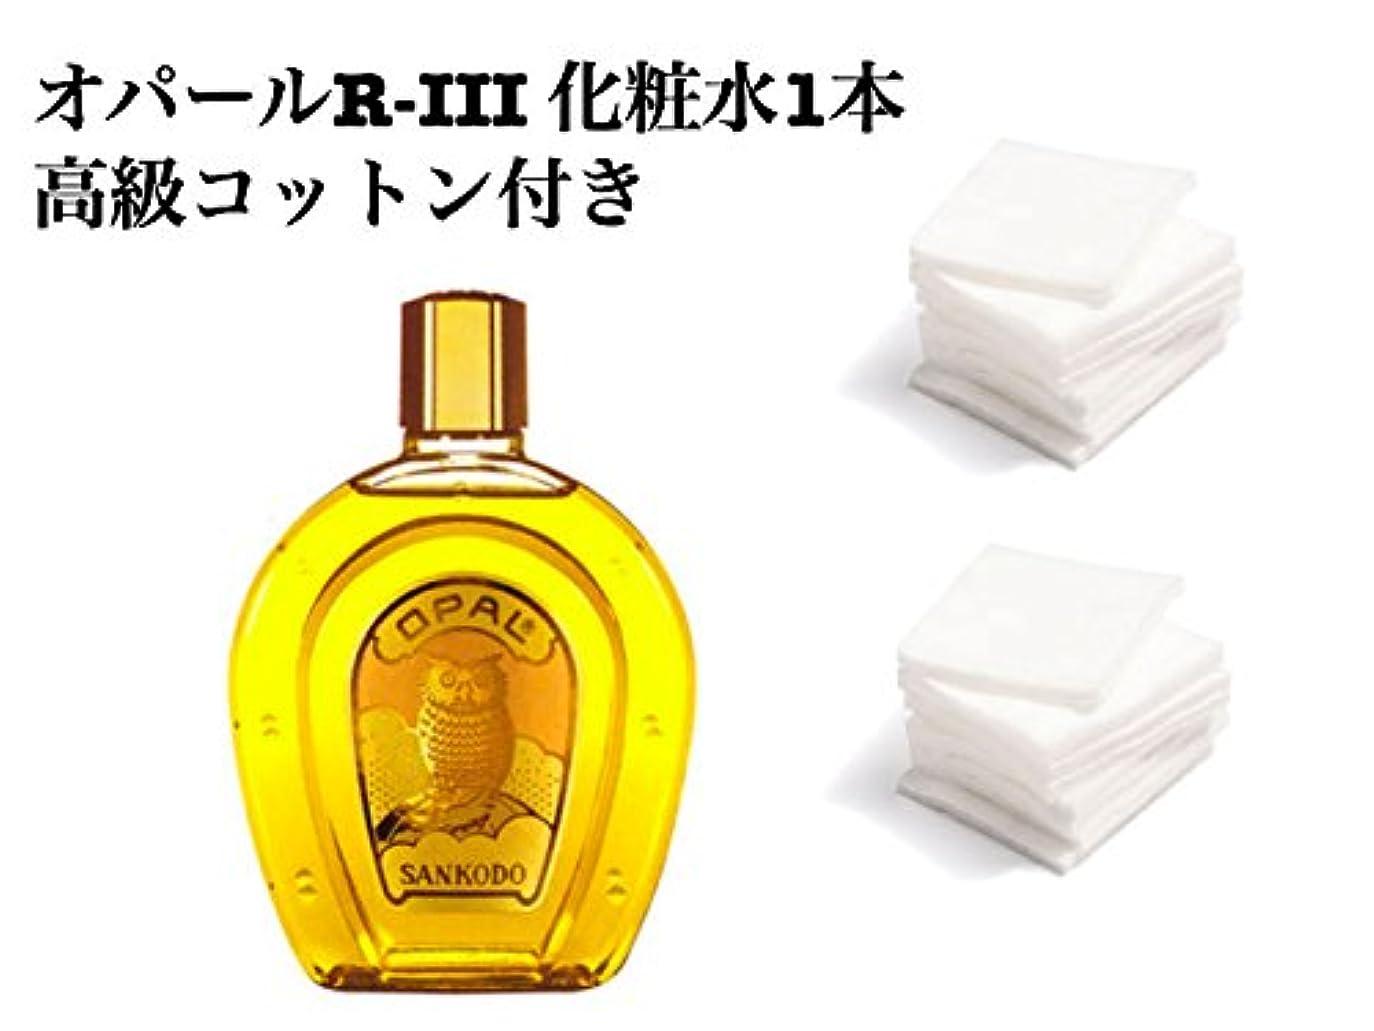 守銭奴息子ドリンク【オパール化粧品】薬用オパール_R-Ⅲ (70ml & コットンセット)